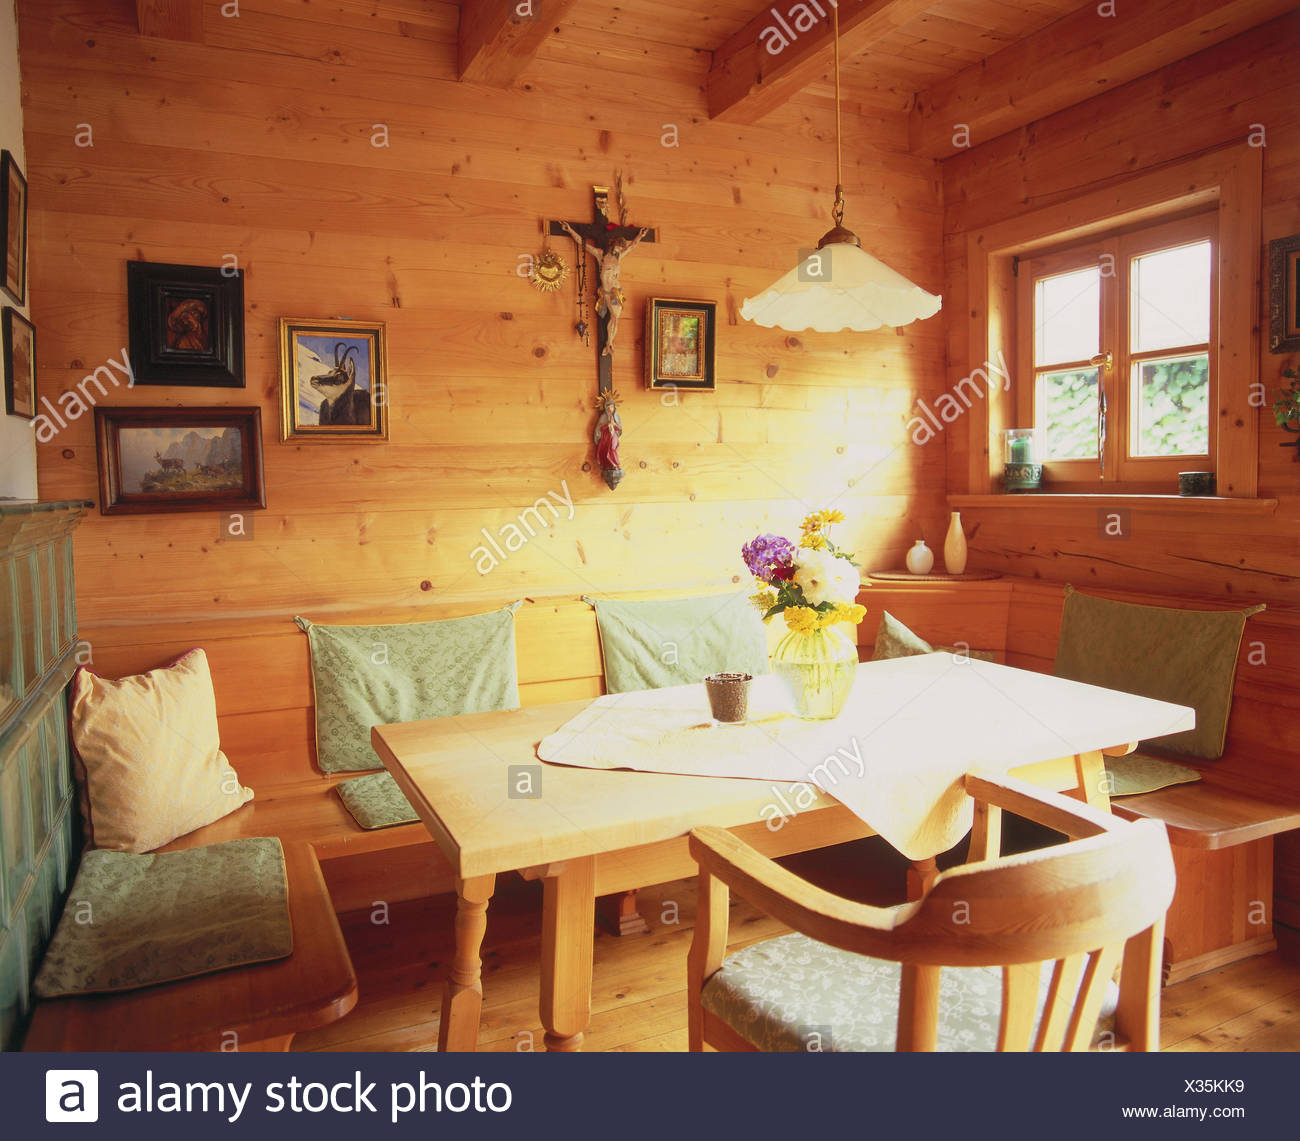 Cucina E Soggiorno Rustico sala residenziale, dettaglio camera, salotto, cucina